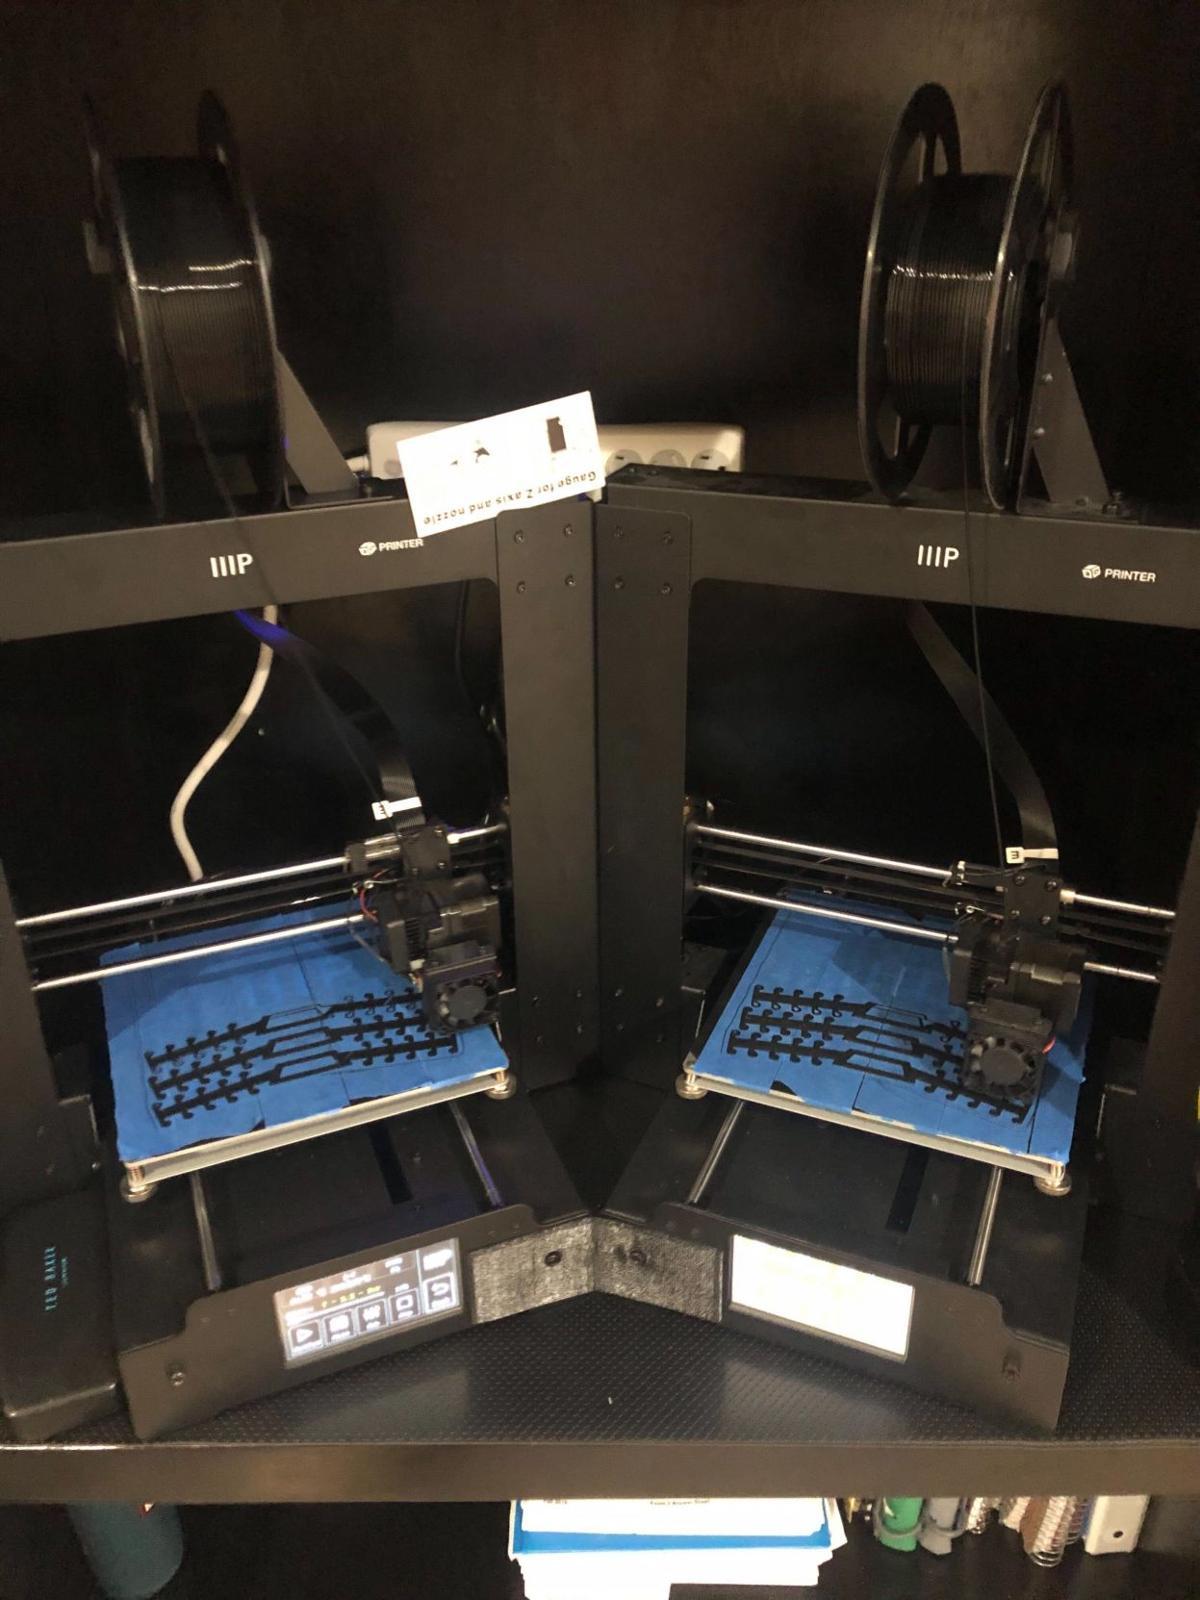 3D printers make Ear Eases